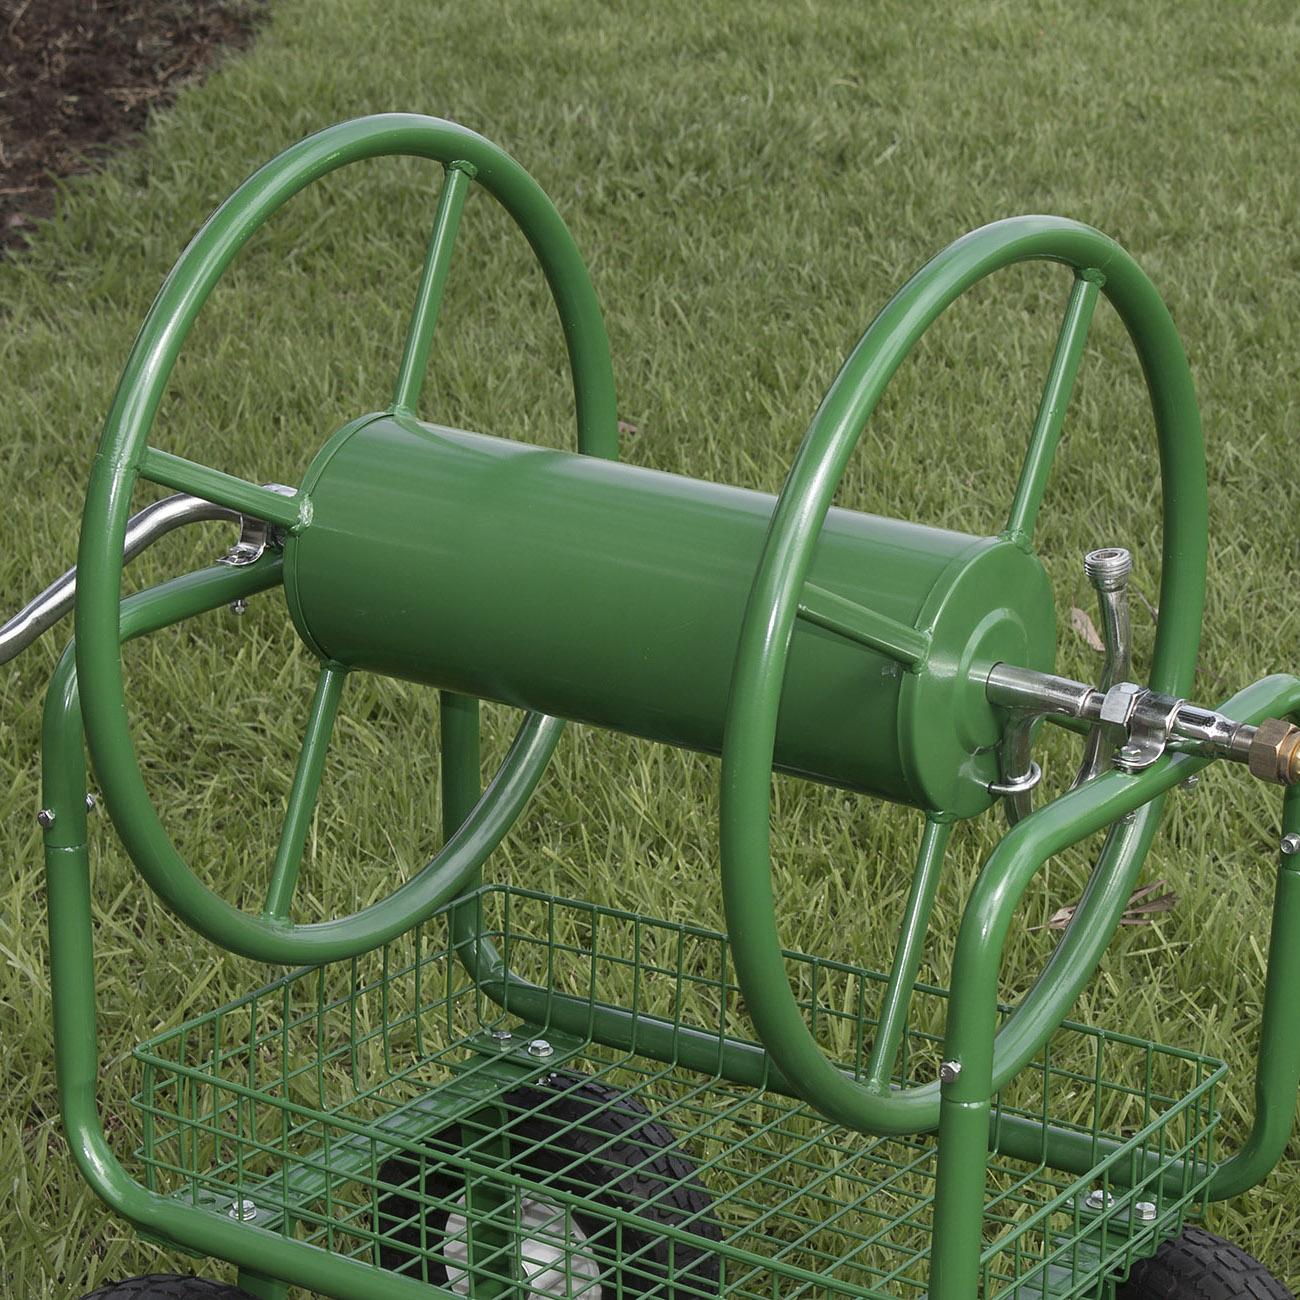 400ft Water Hose Reel Cart Outdoor Garden Yard Planting